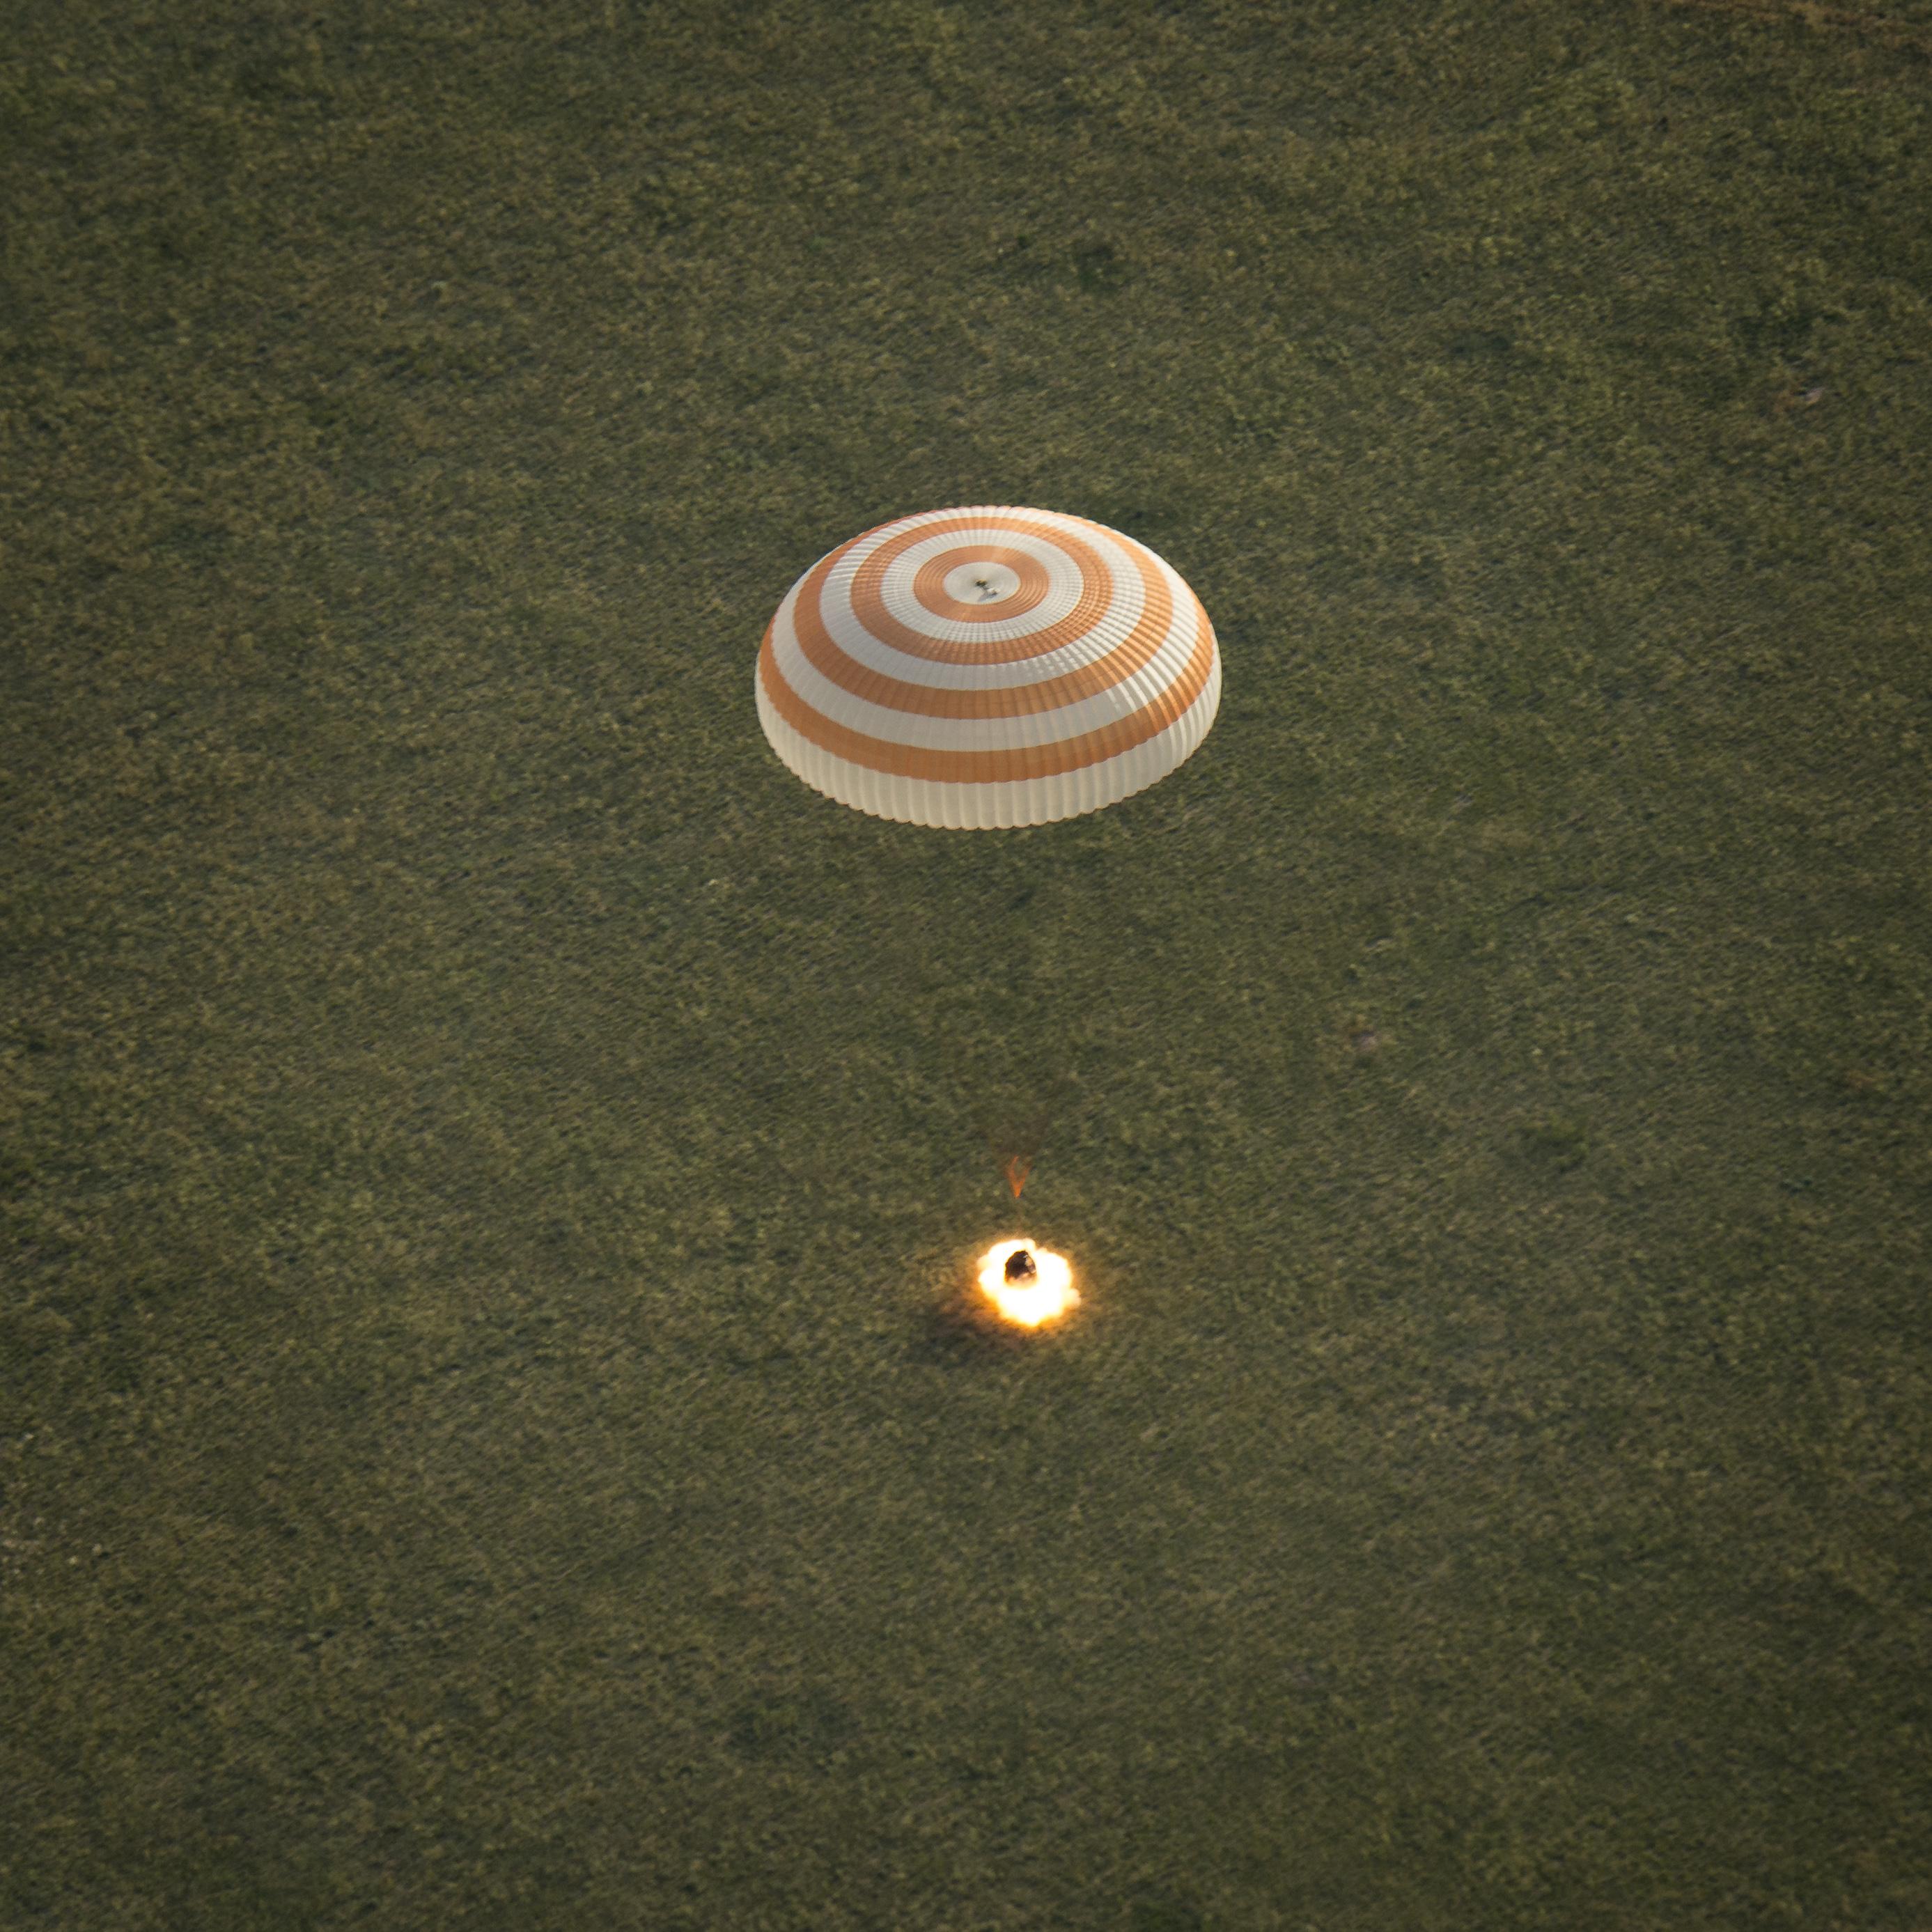 Член падает после первого спускания 22 фотография